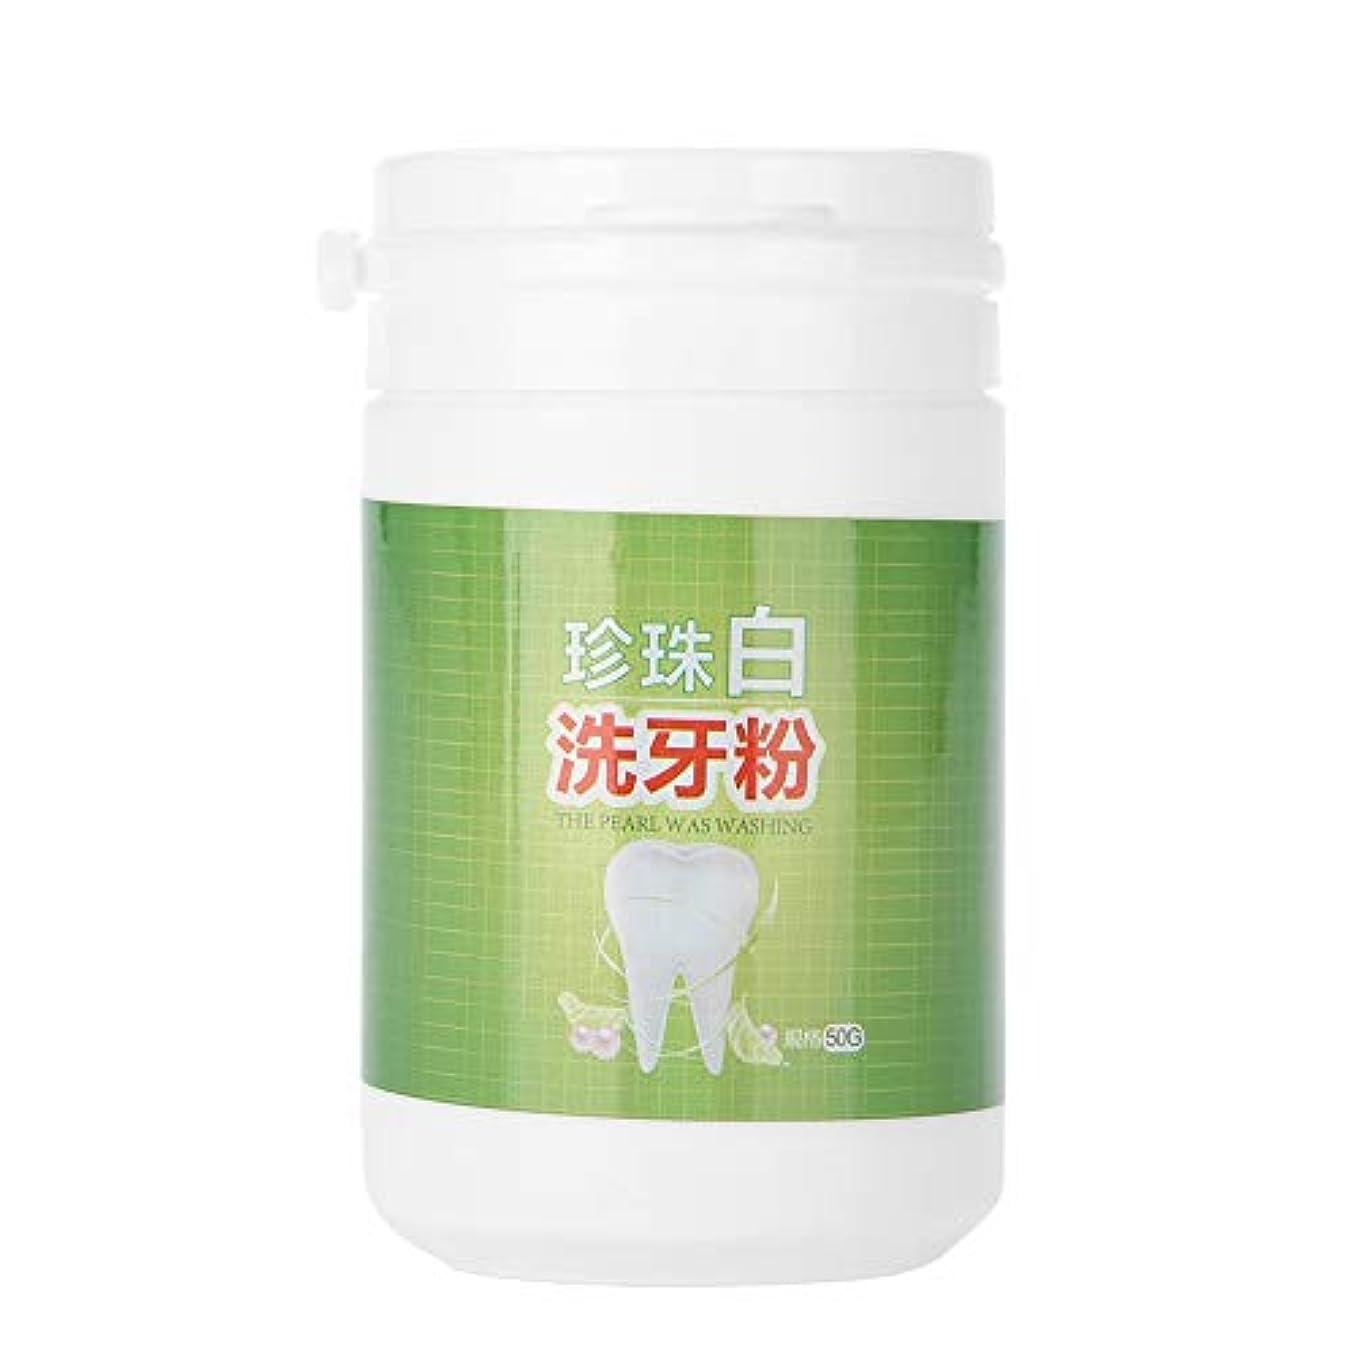 震える保存好む50g歯ホワイトニングパウダーティーコーヒー汚れ口臭除去オーラルケアパウダー - 歯ホワイトニングパウダー